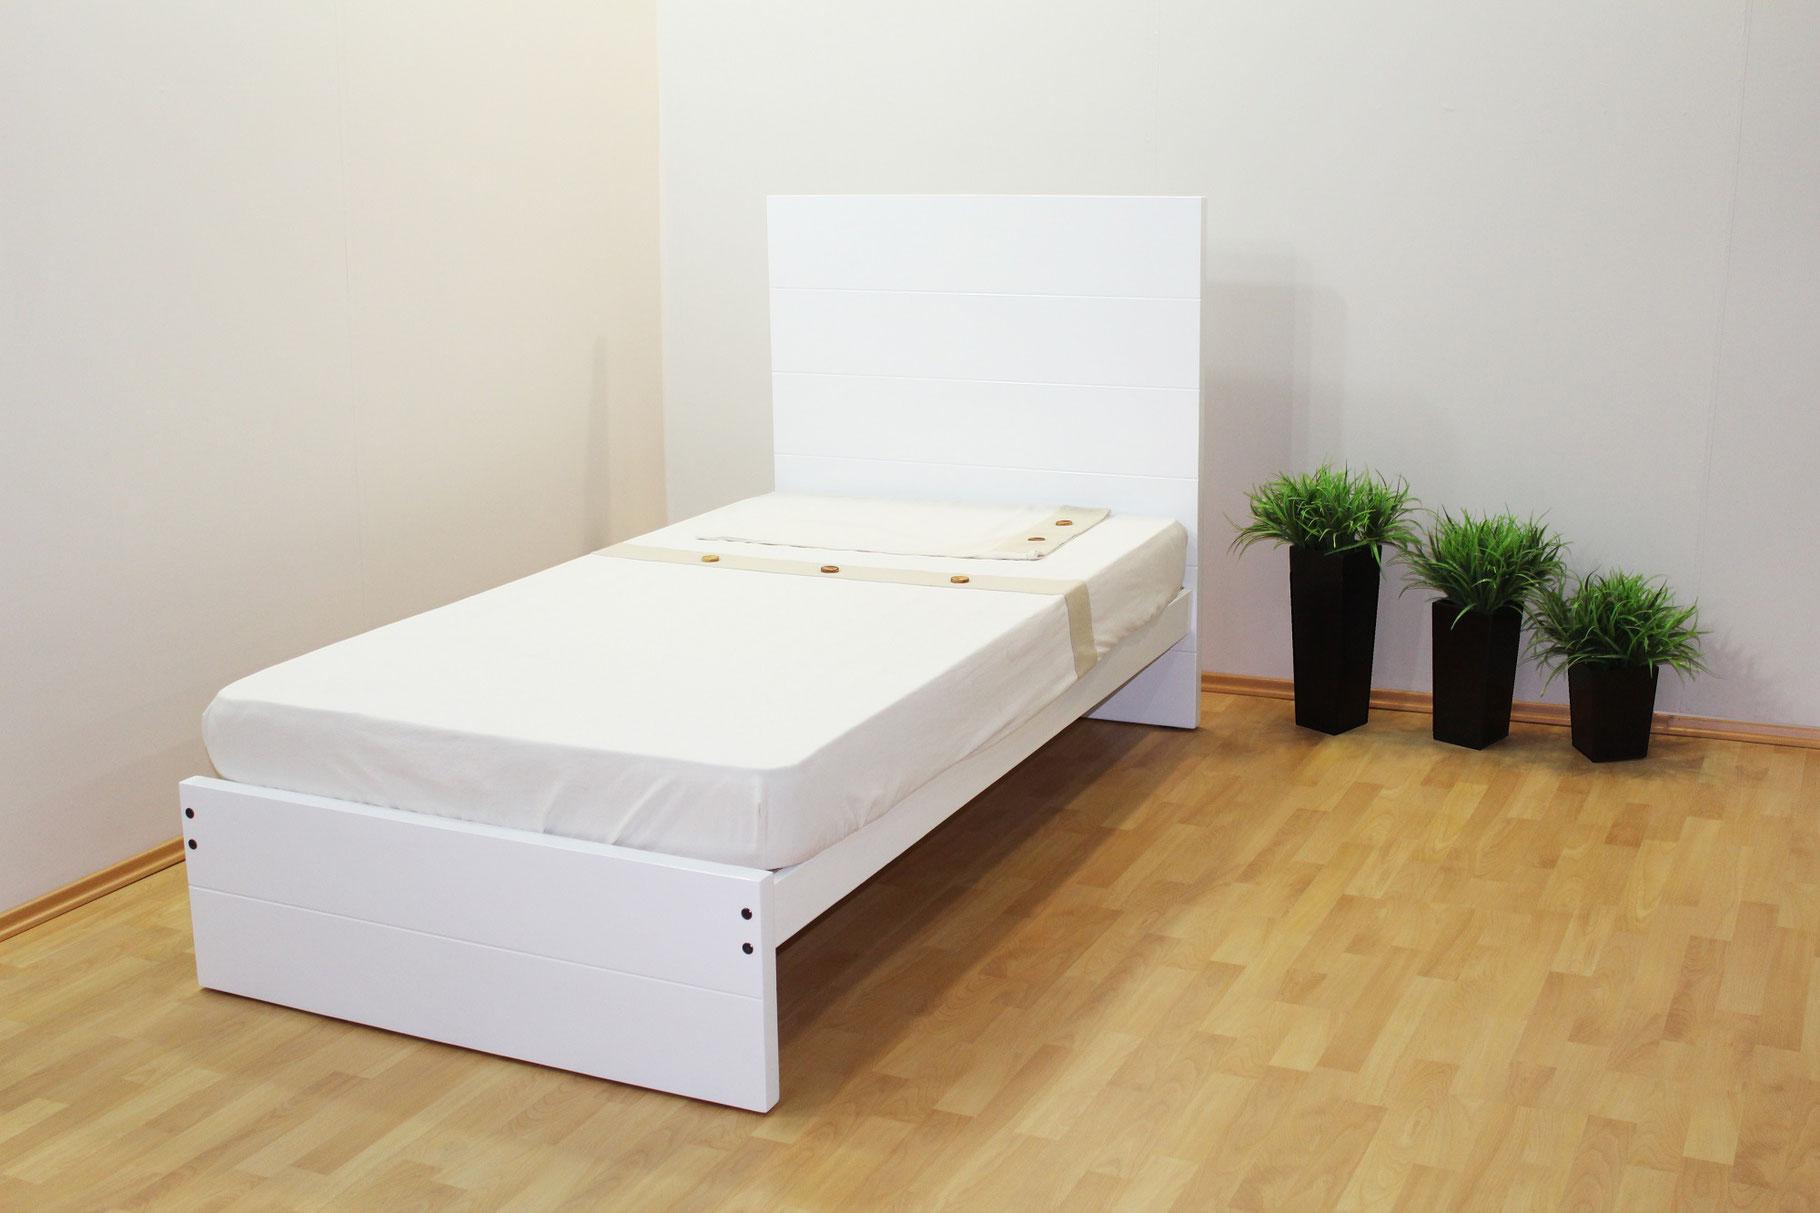 Camas muebles gm muebles de madera for Cama individual con cajones